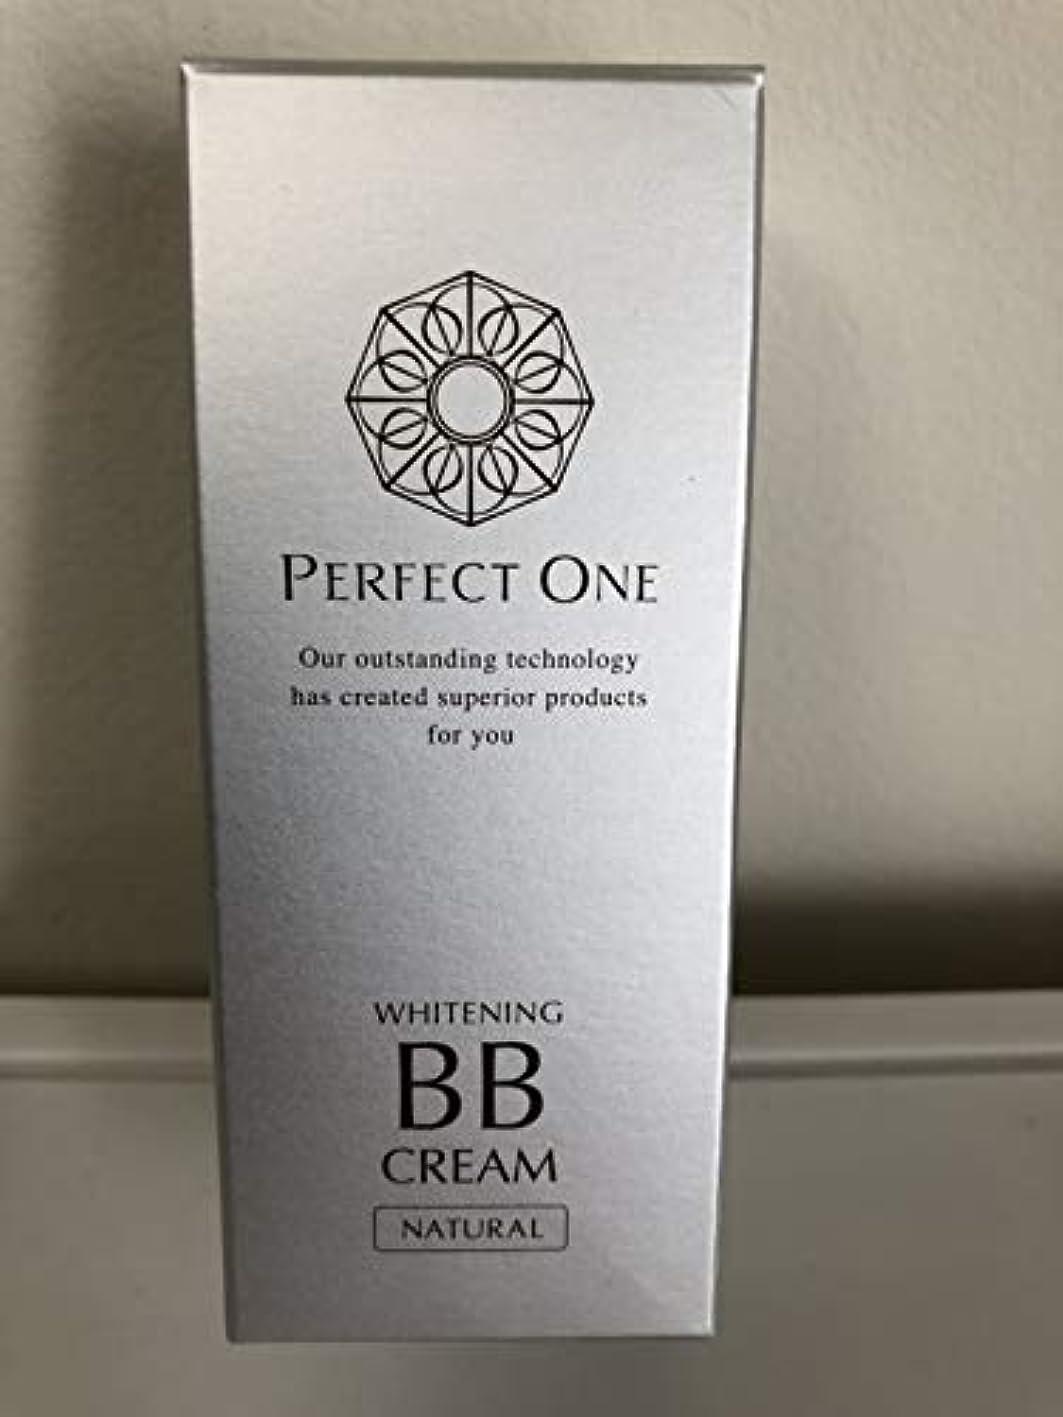 報復哲学者私たちのもの新日本製薬 パーフェクトワン 薬用ホワイトニングBBクリーム ナチュラル 25g